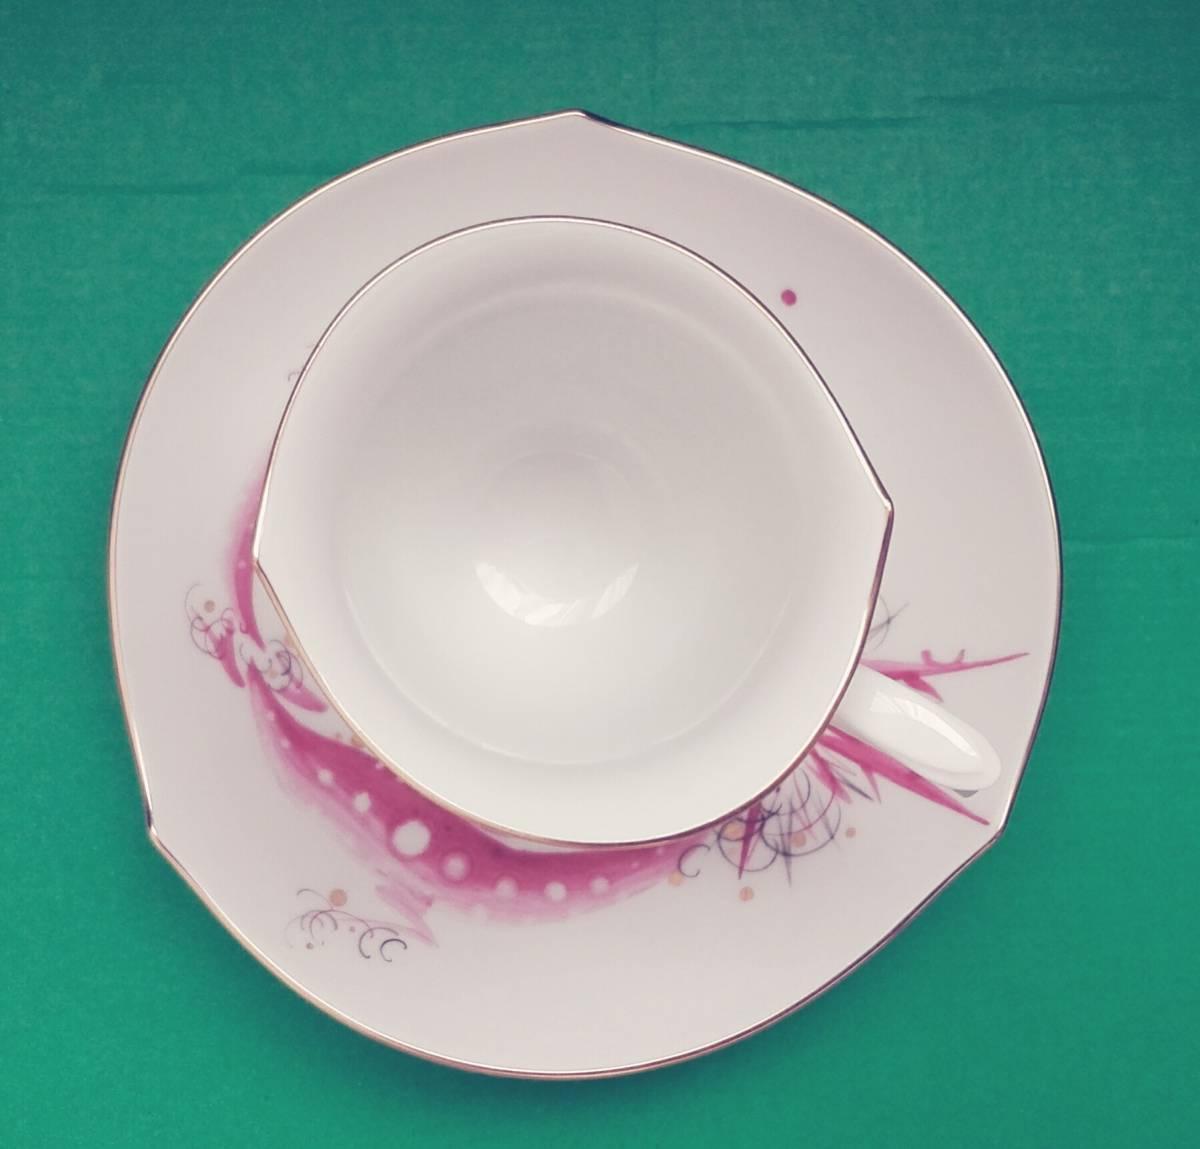 マイセンの人気コーヒーカップ&ソーサー 1客 新品未使用 送料無料_画像2